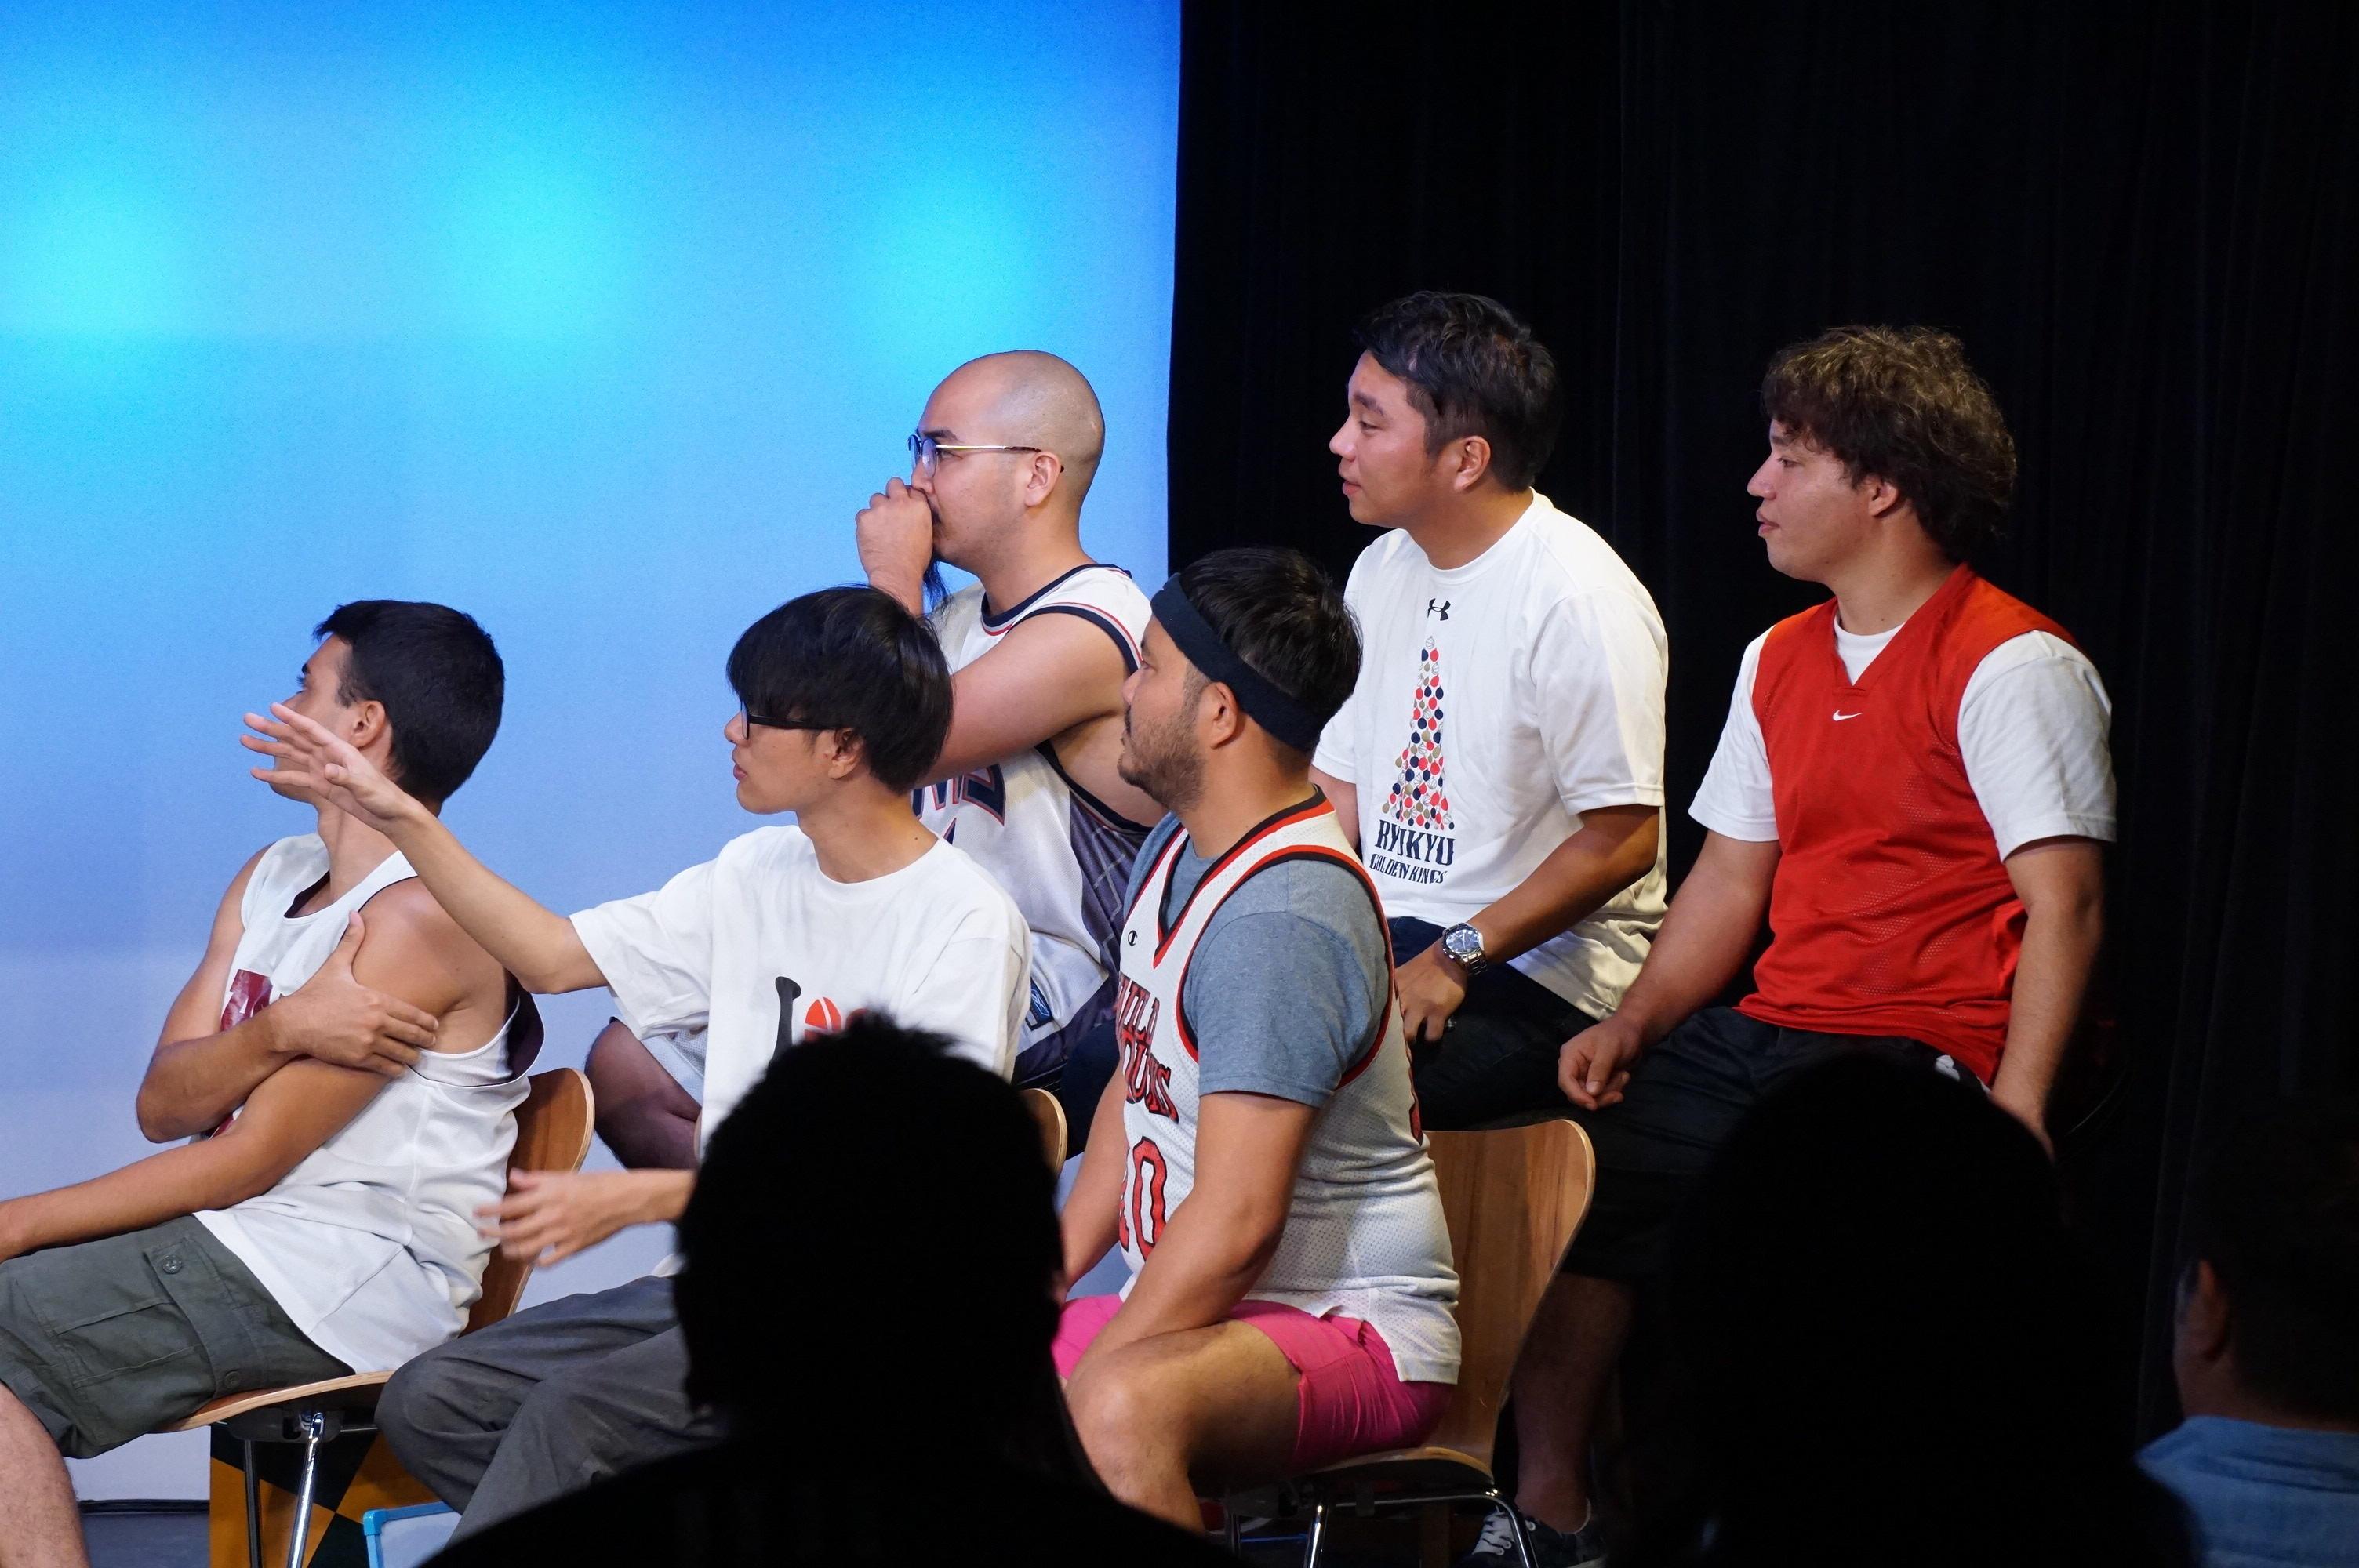 http://news.yoshimoto.co.jp/20170829170337-ceb6f1b9a92fb84b5c0a1dde623fb7d499c203f4.jpg